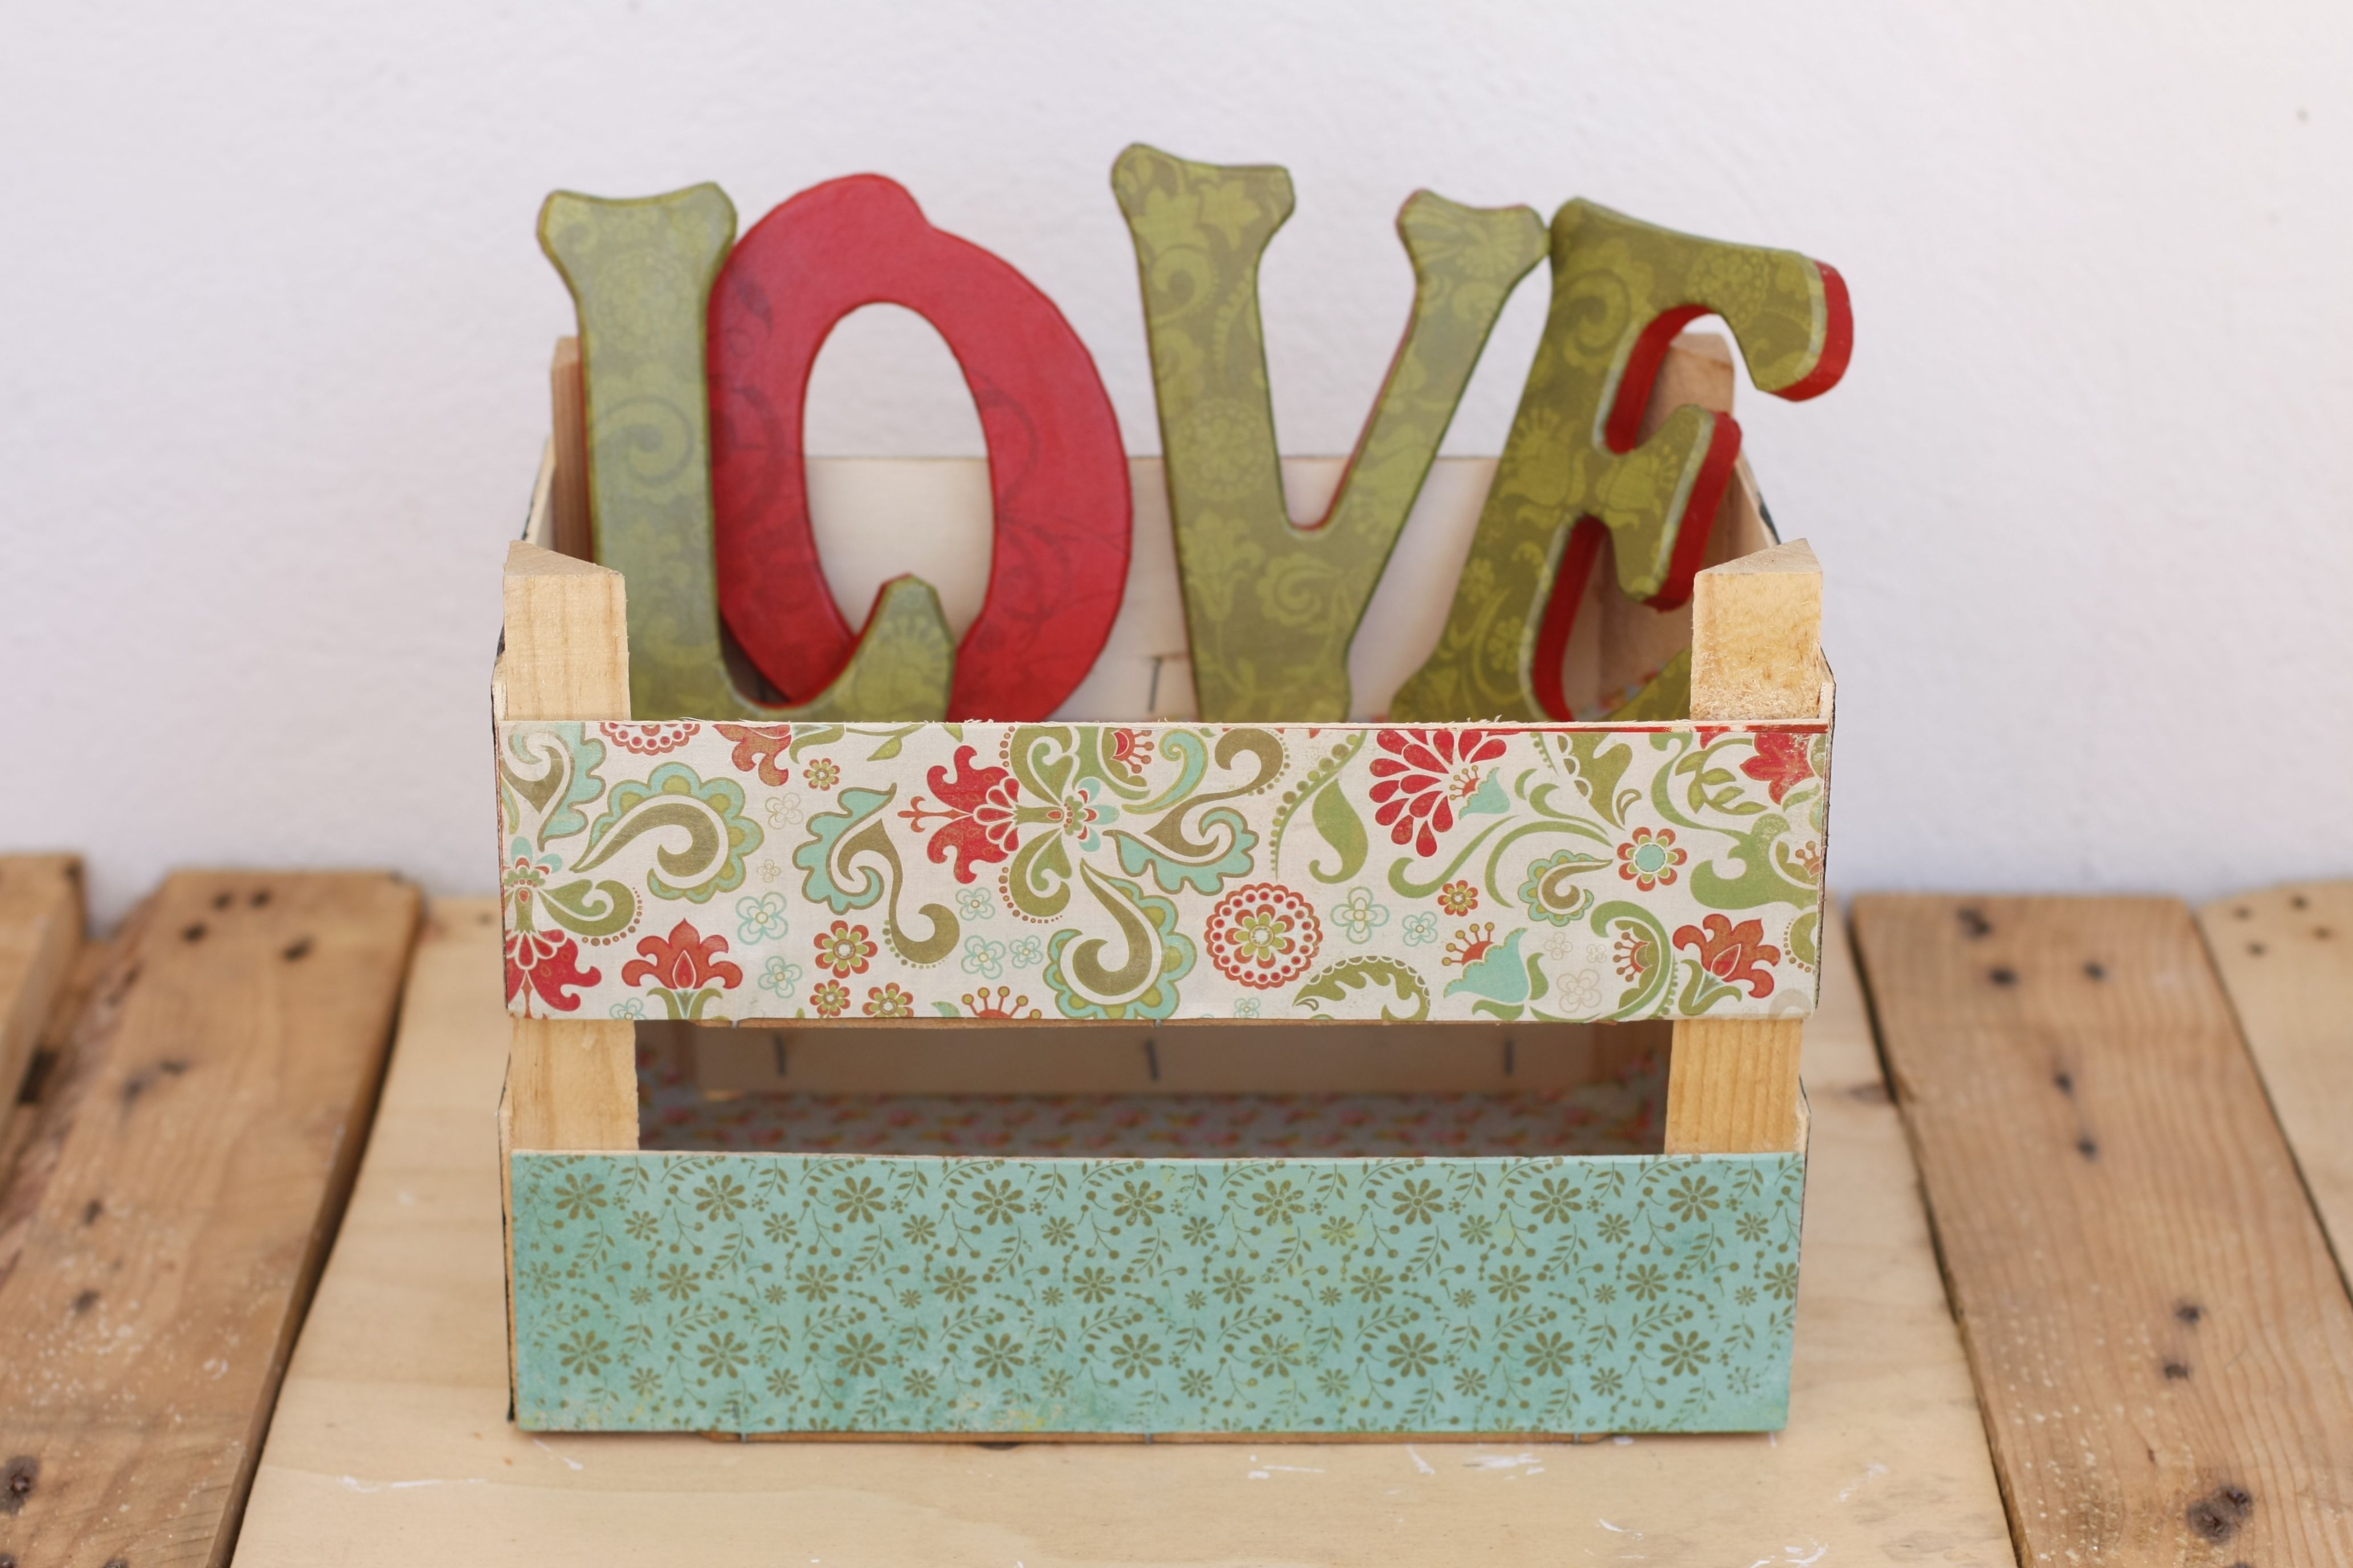 Letras y cajitas de madera decoradas a mano a la venta en - Cajas decoradas a mano ...